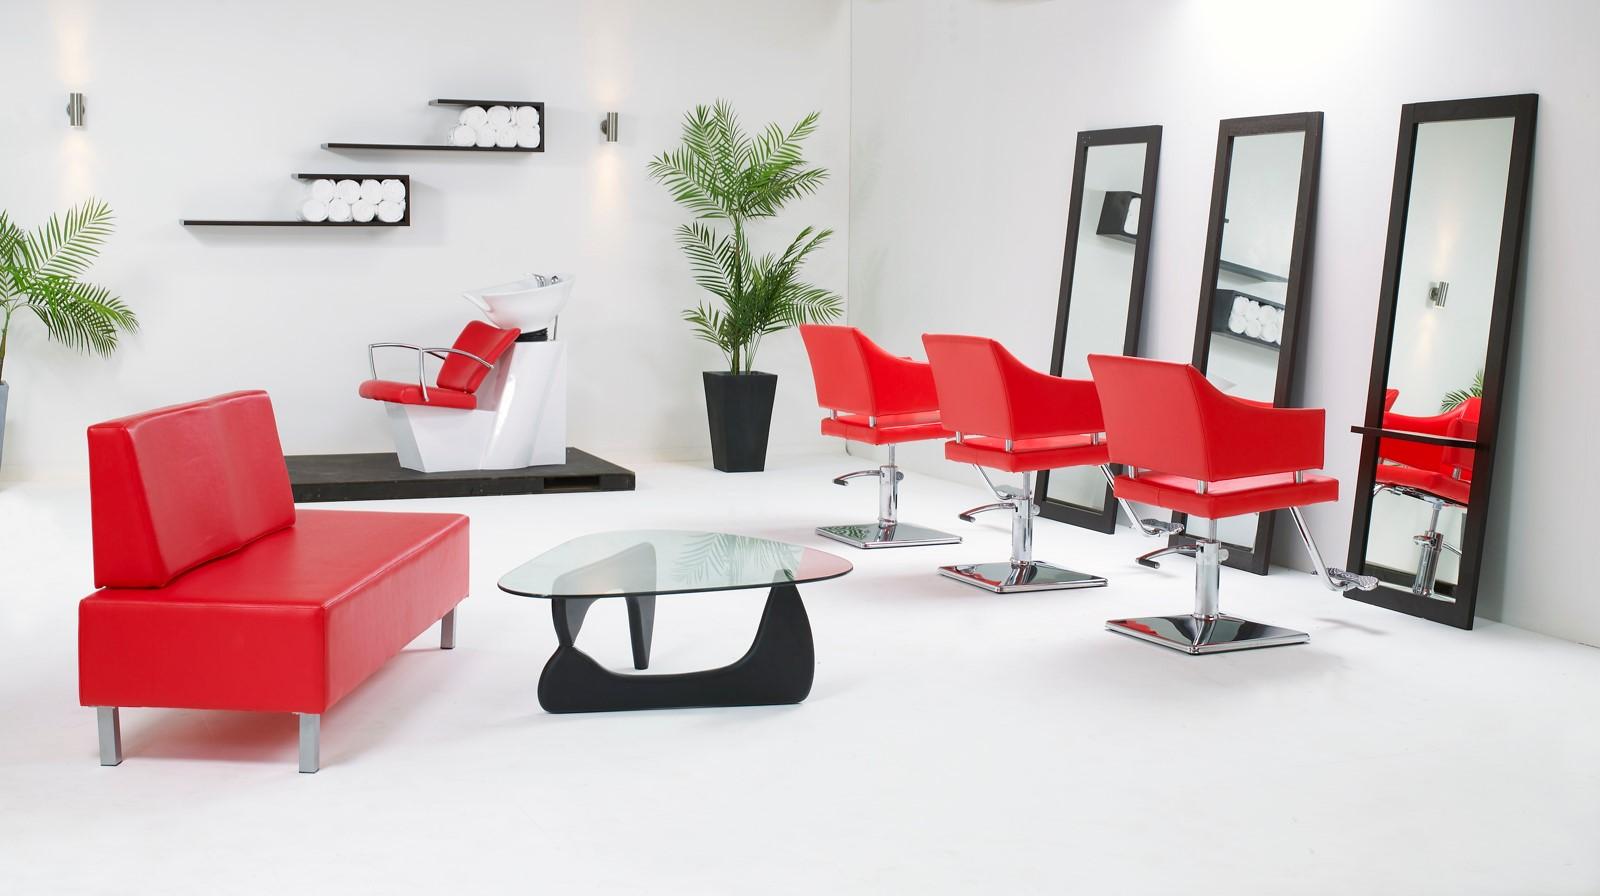 Vous verrez comment le style et l'apparence modernes de votre salon de coiffure attireront plus de clients.